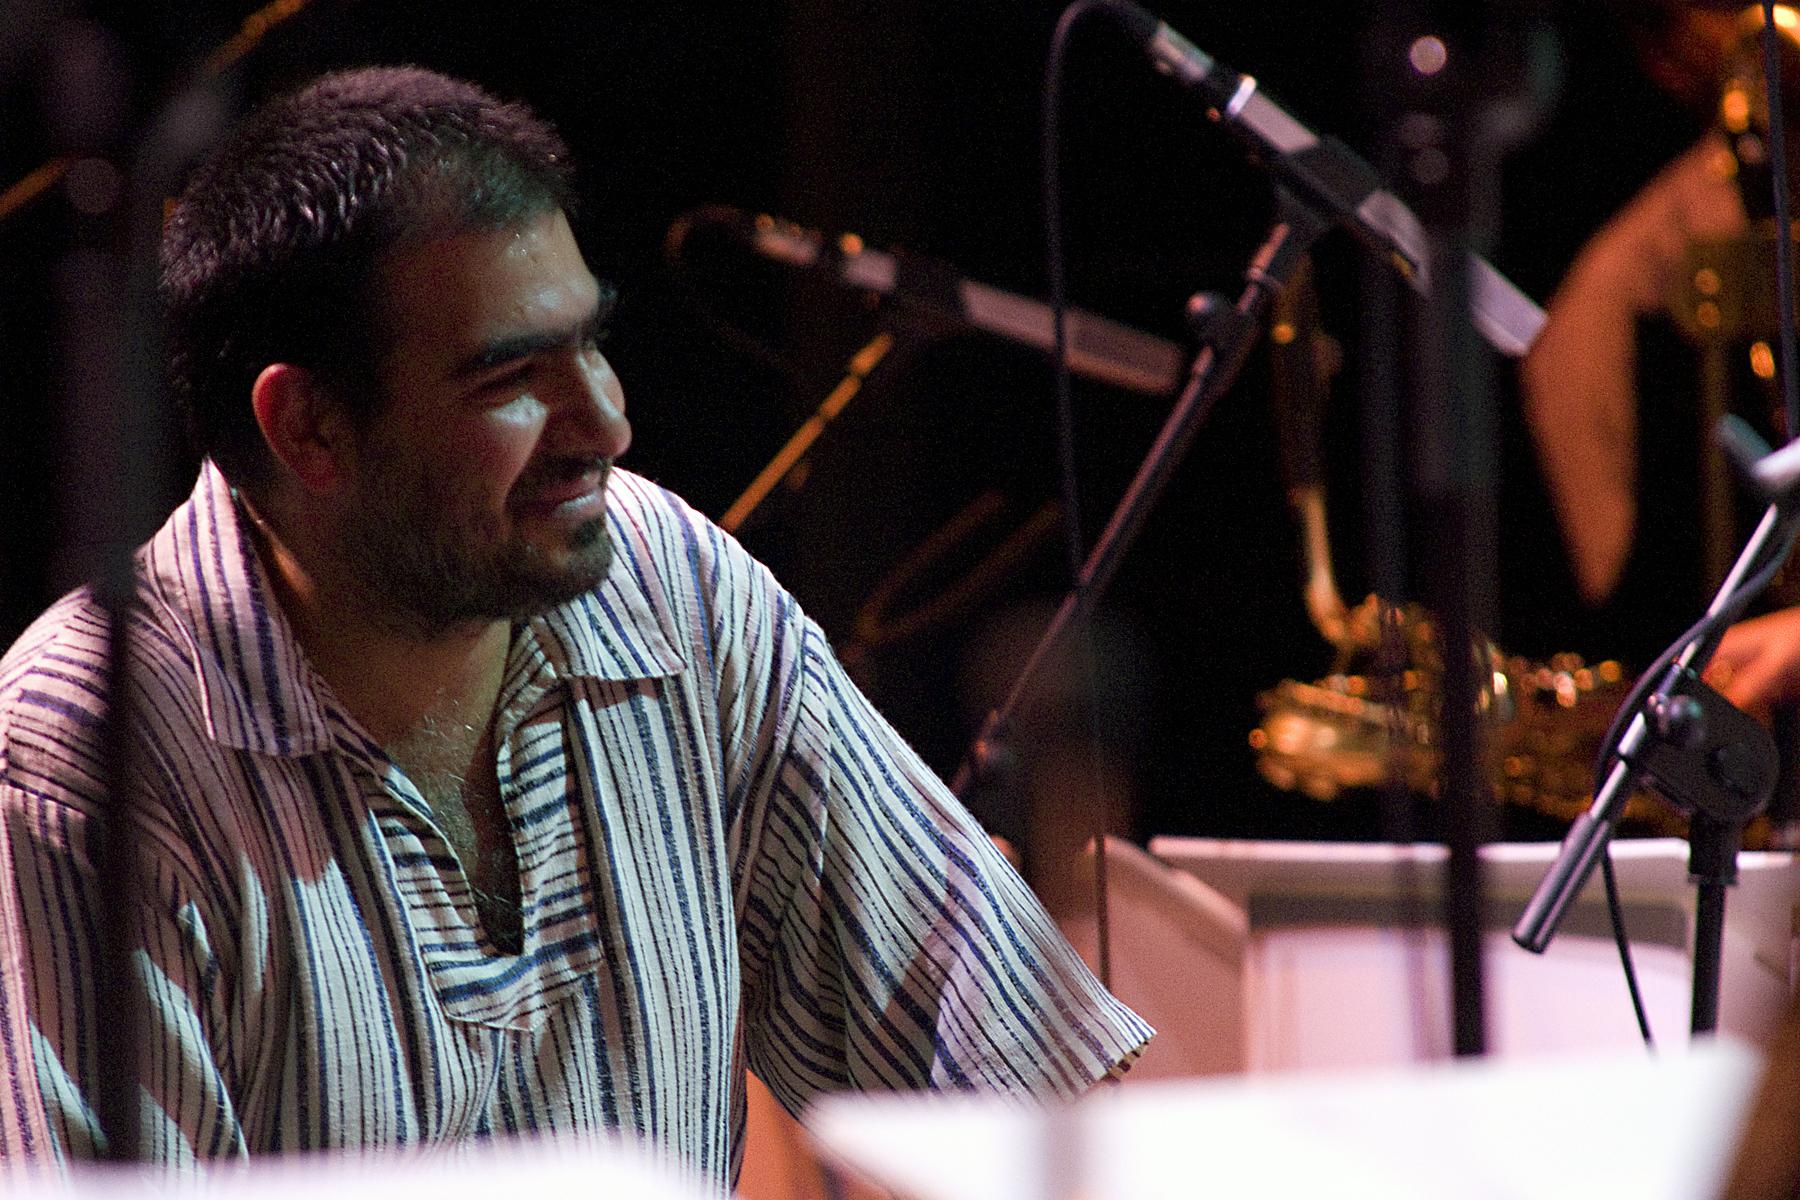 Leeds Jazz Festival Fringe: Andy Panayi @Bar on Park Lane, Fri 12 July